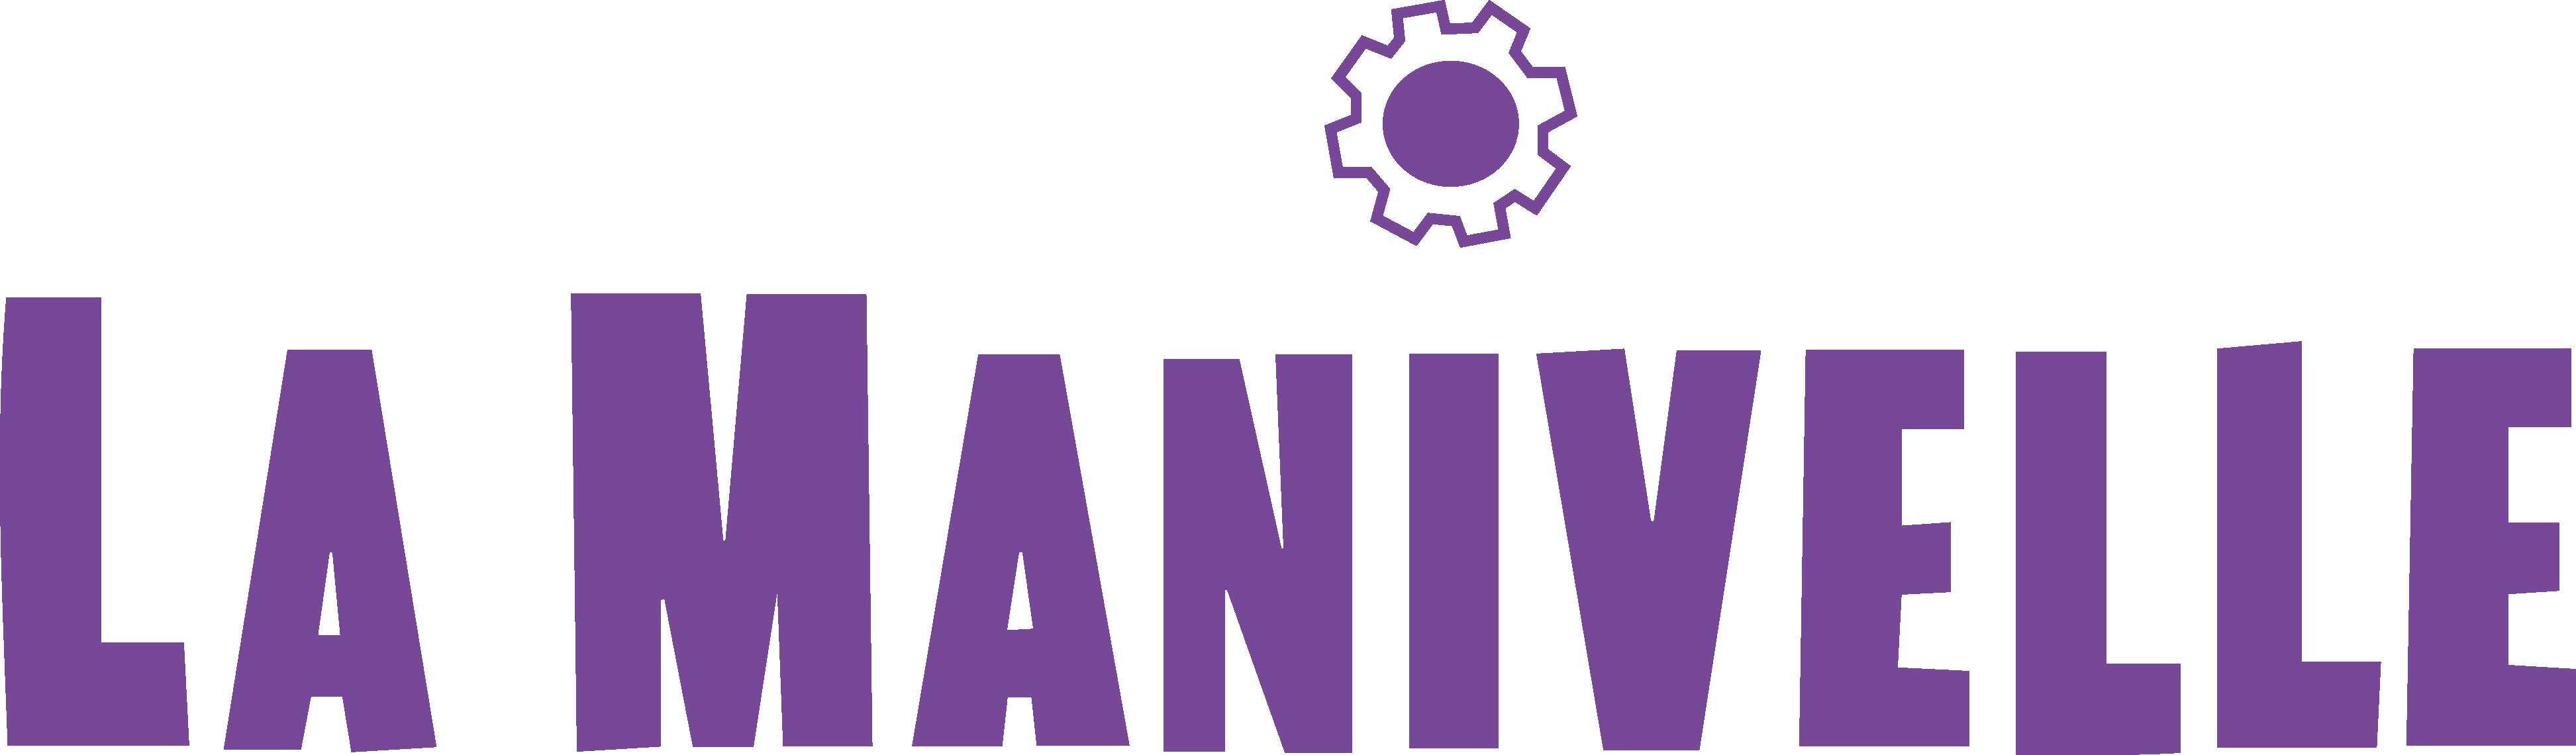 Manivelle_Violet